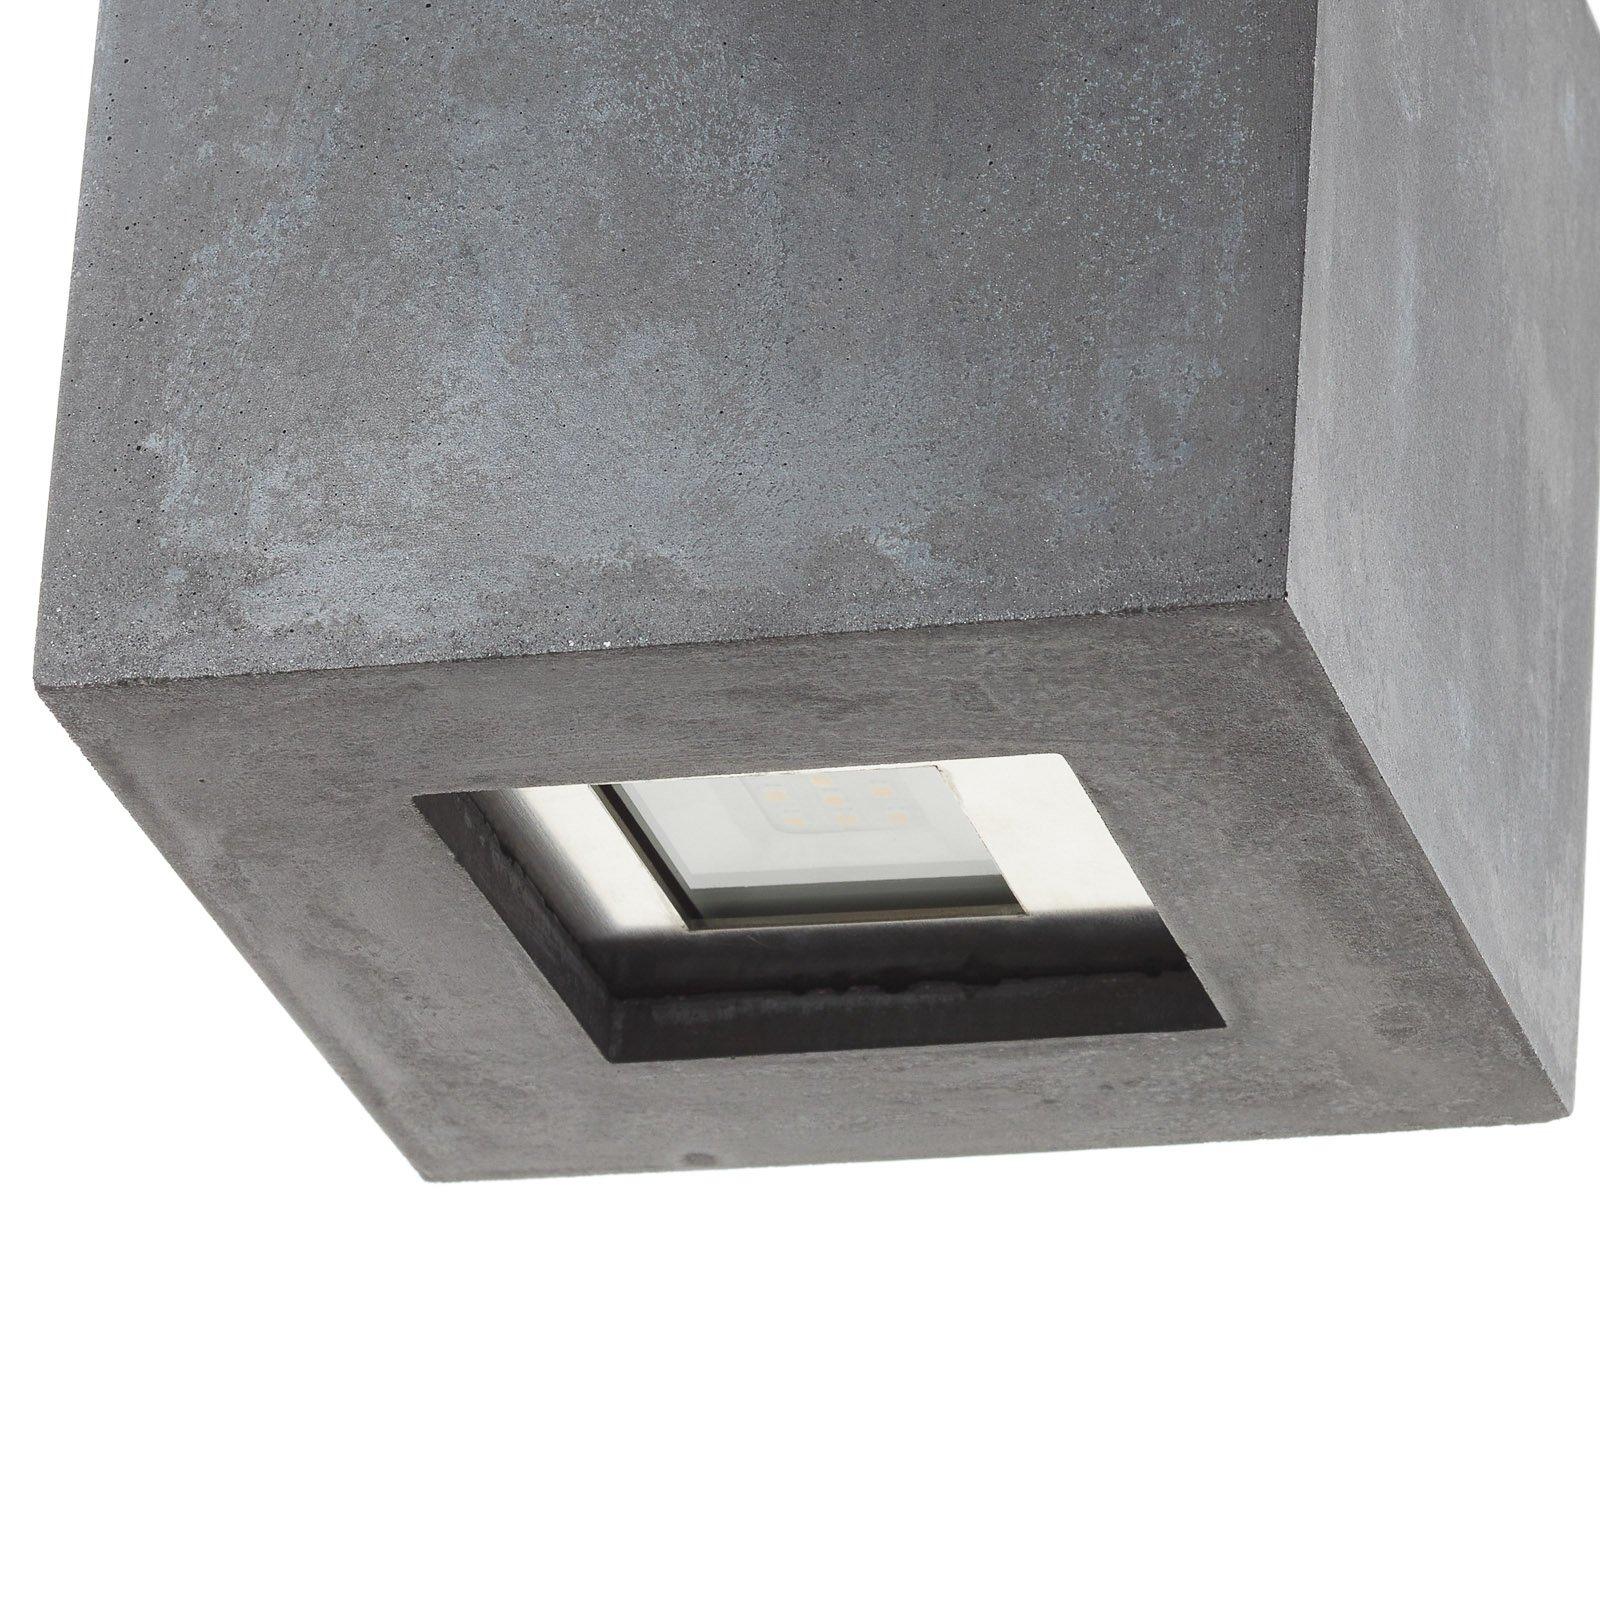 LED-taklampe 1094 for utendørs bruk, svart